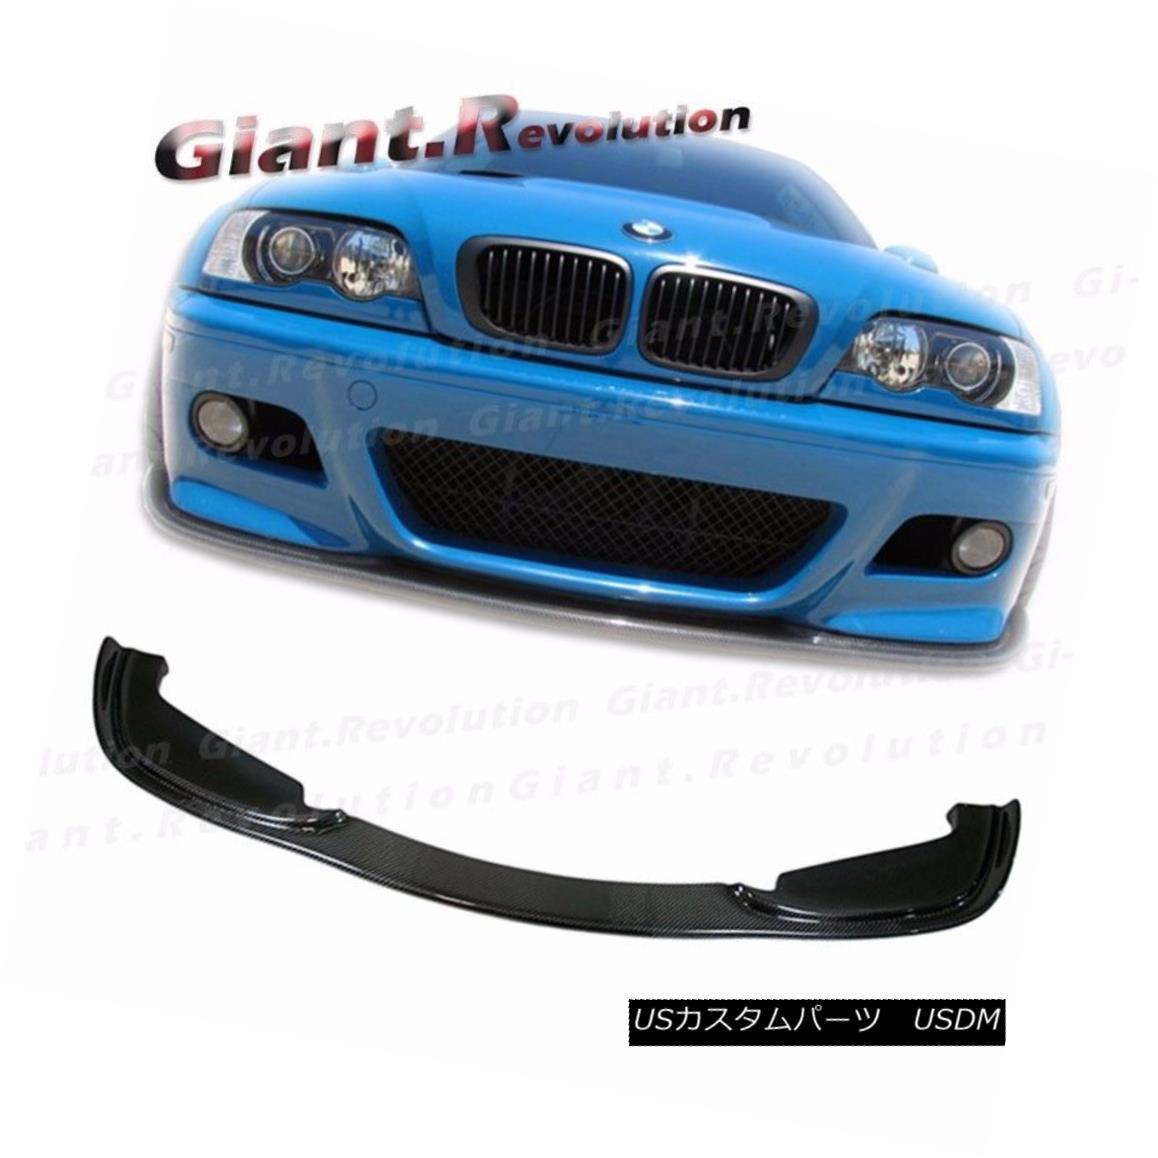 エアロパーツ Carbon Fiber Front Lower Spoiler Lip H Look Fit BMW 01-2006 E46 M3 2DR Bumper カーボンファイバーフロントロワースポイラーリップHフィットフィットBMW 01-2006 E46 M3 2DRバンパー